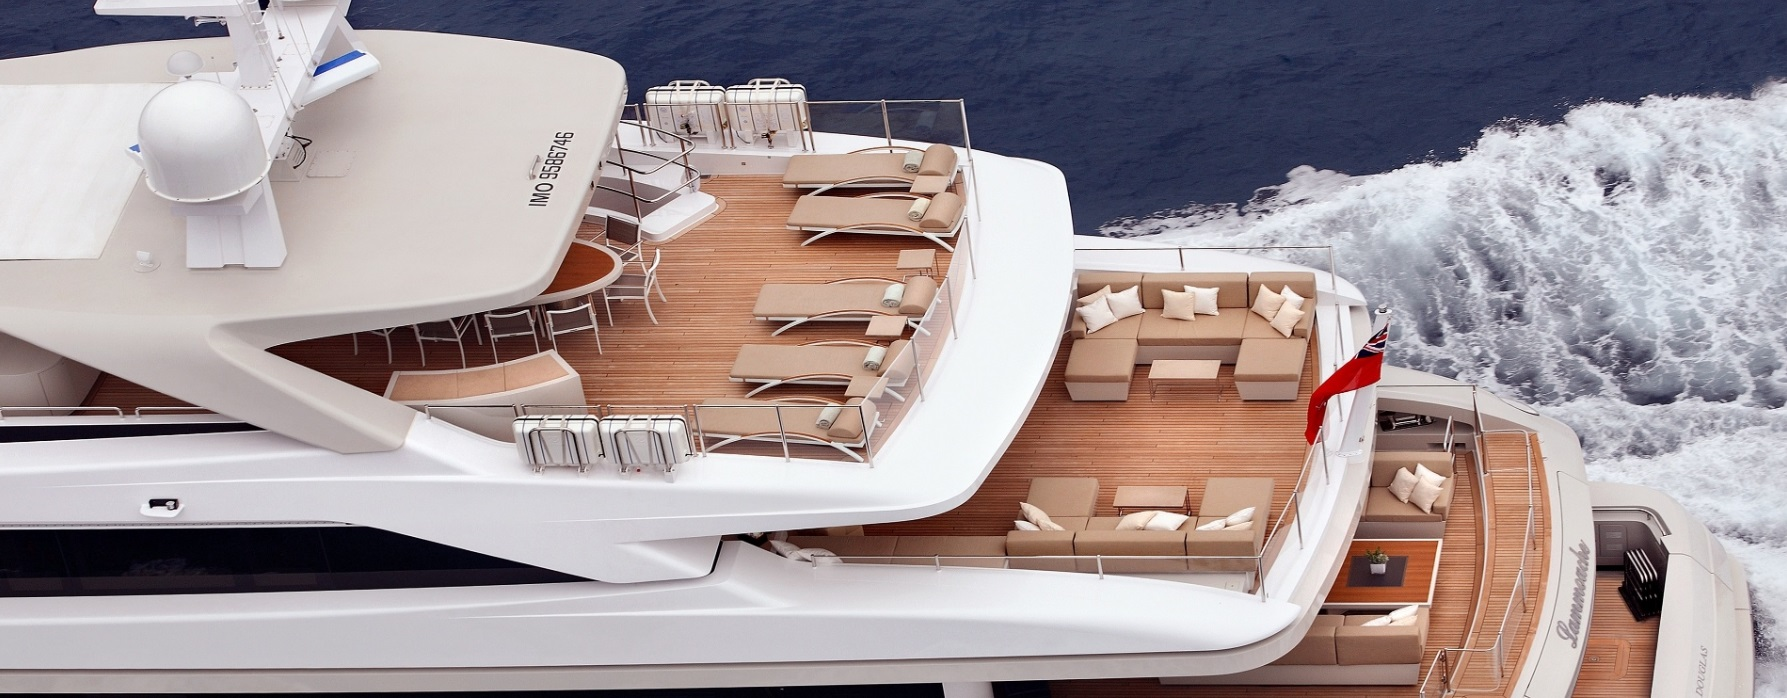 Обнаружена новая яхта Путина